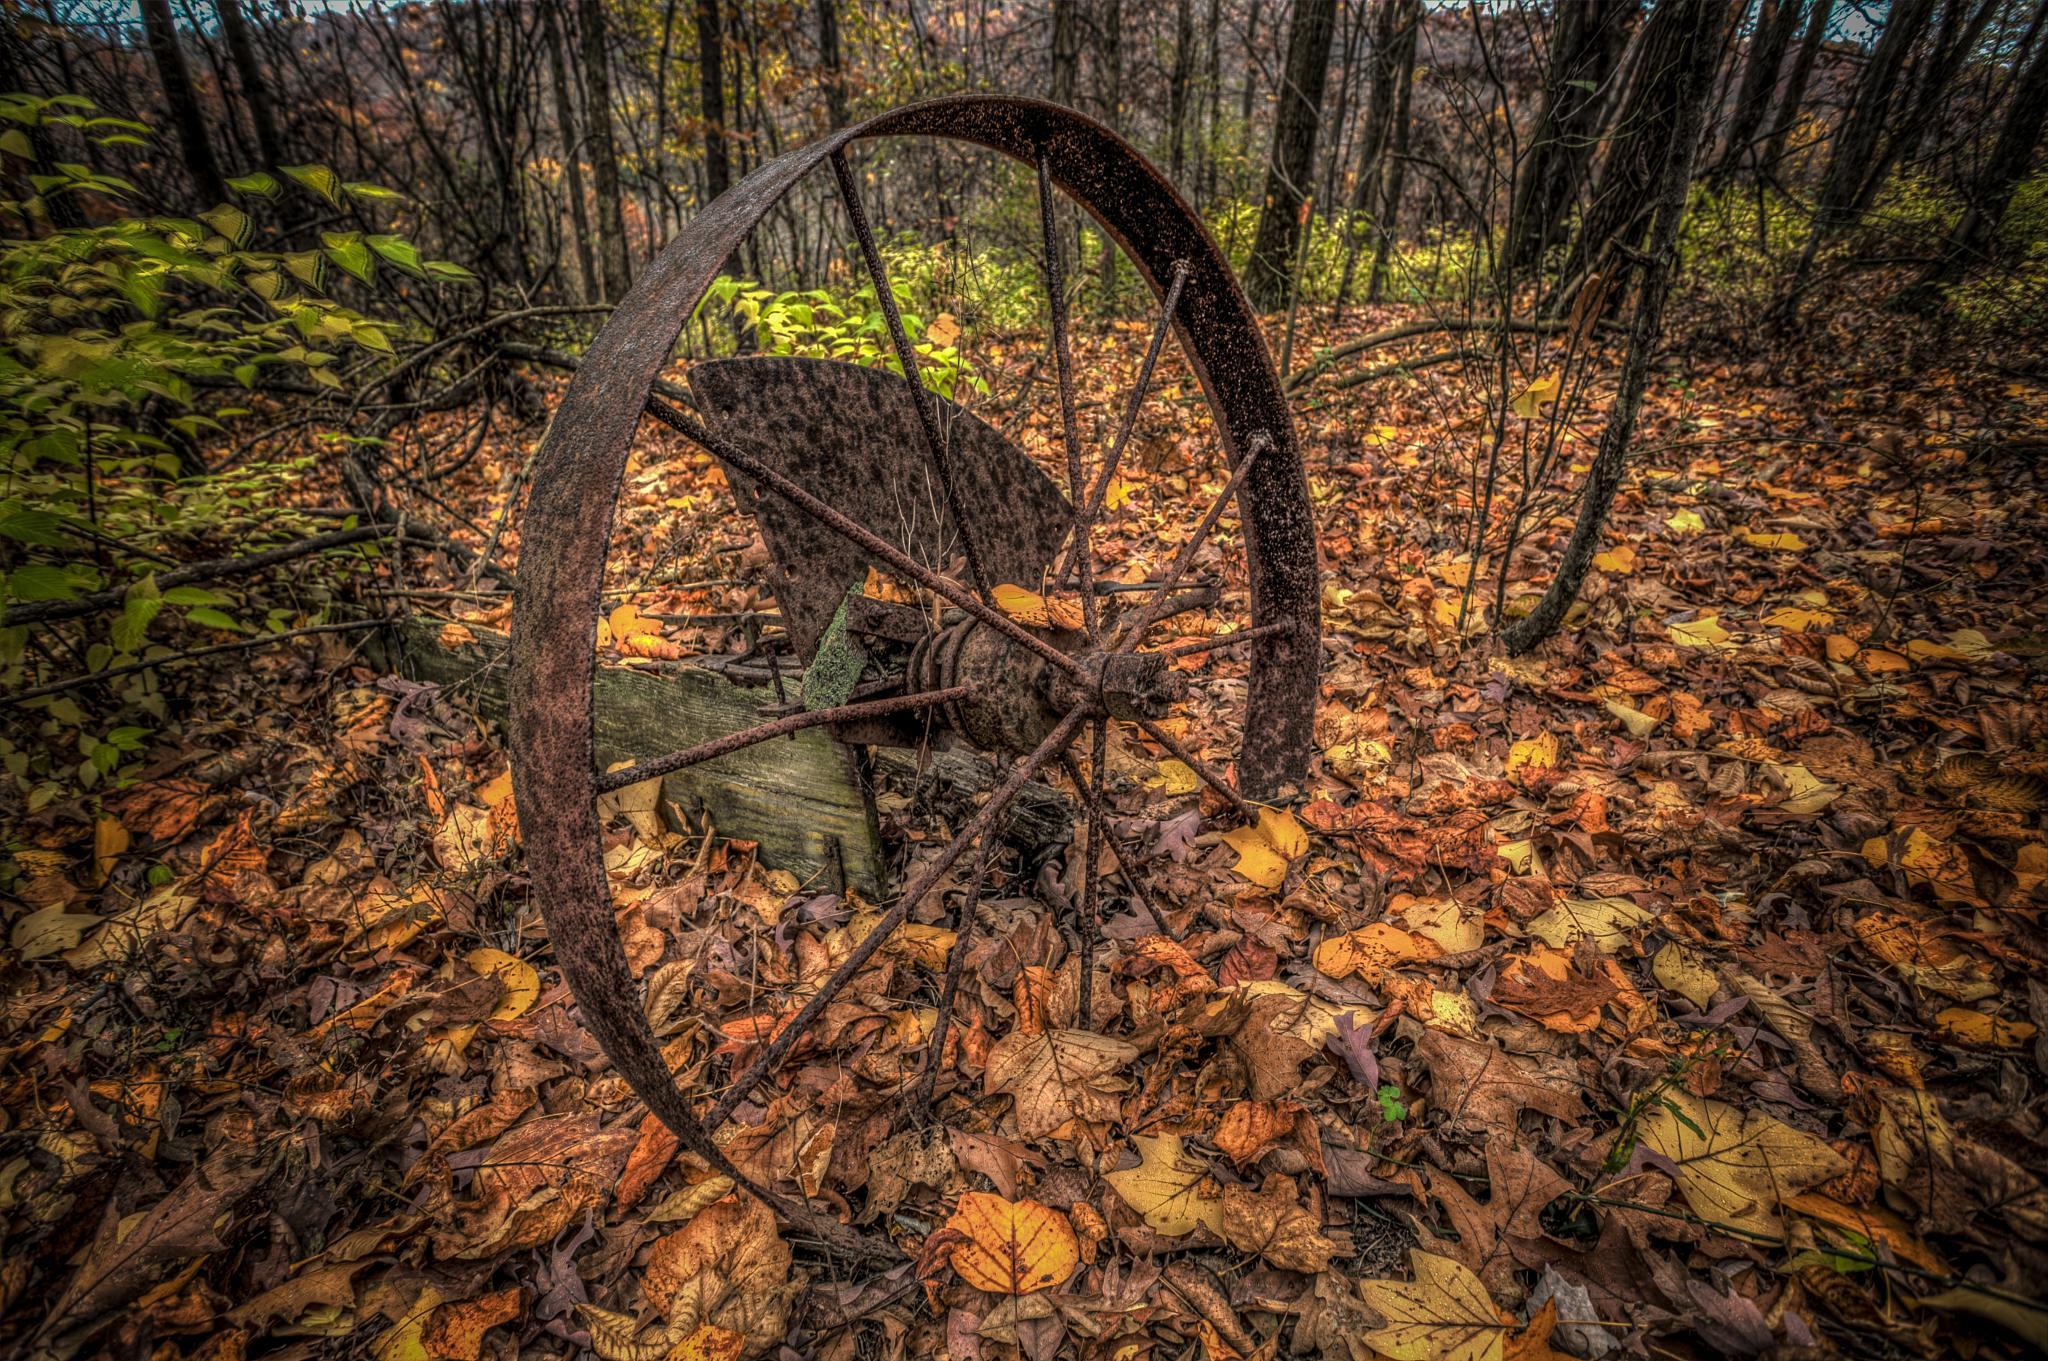 Wheels 23 by ThunderMountainPhoto